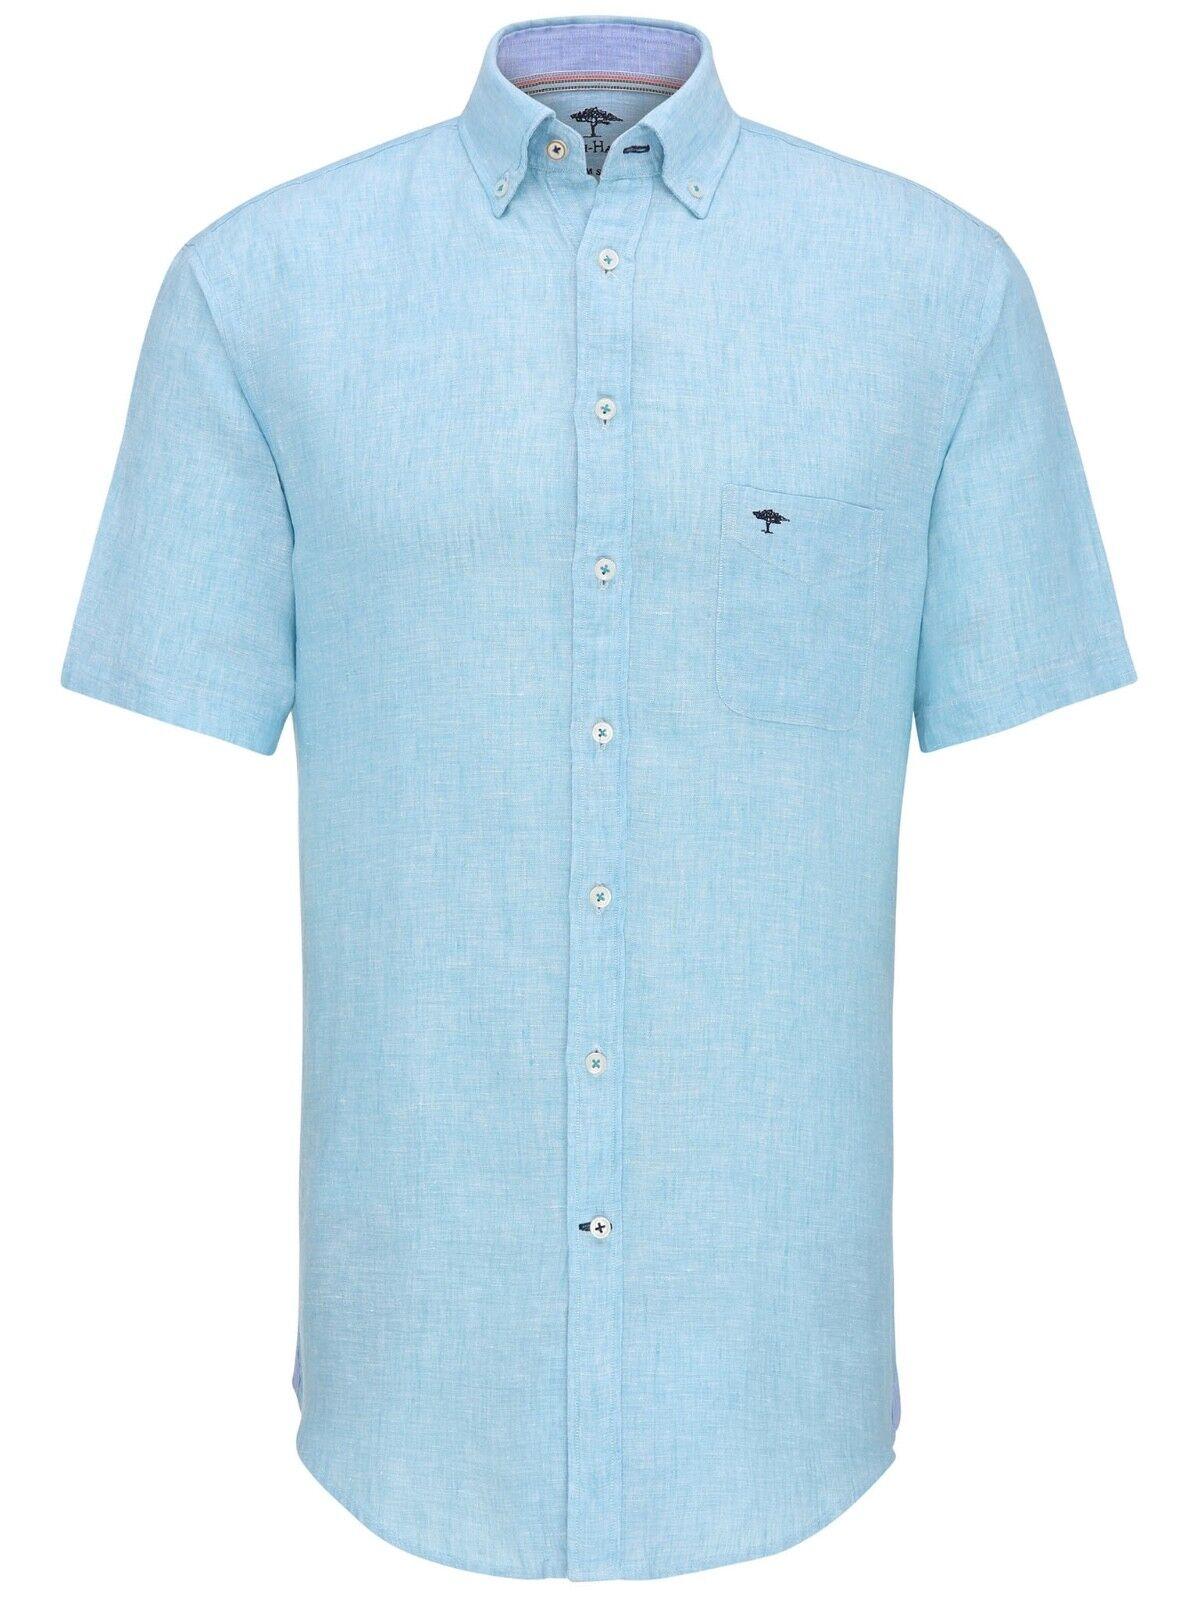 FYNCH HATTON® Linen Short Sleeve Shirt Aqua - 3XL  SS18 SALE